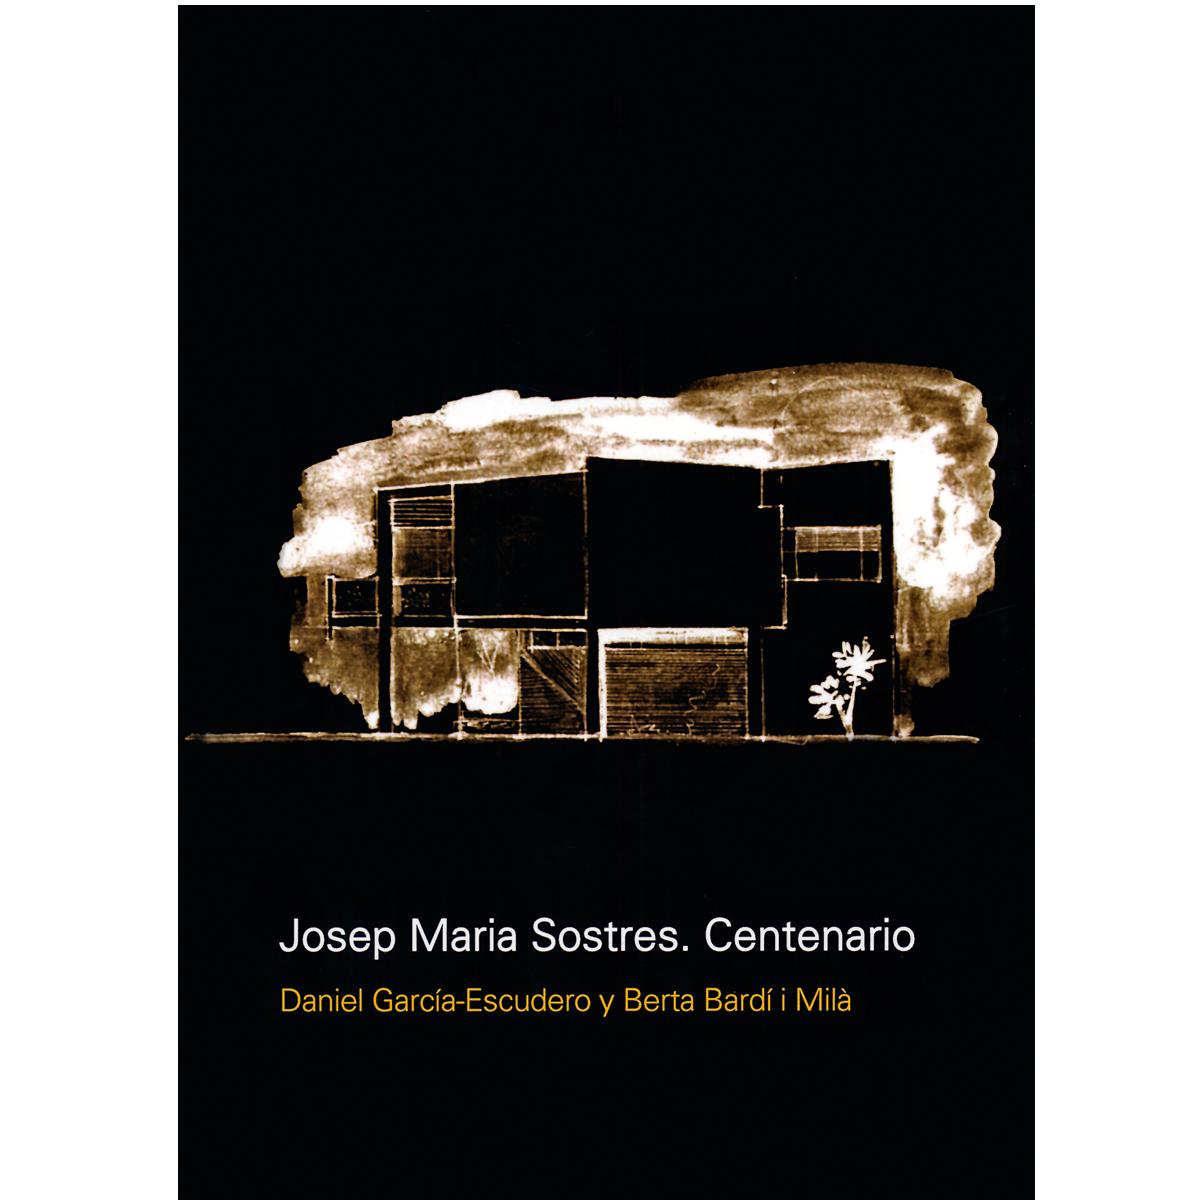 Josep Maria Sostres. Centenario